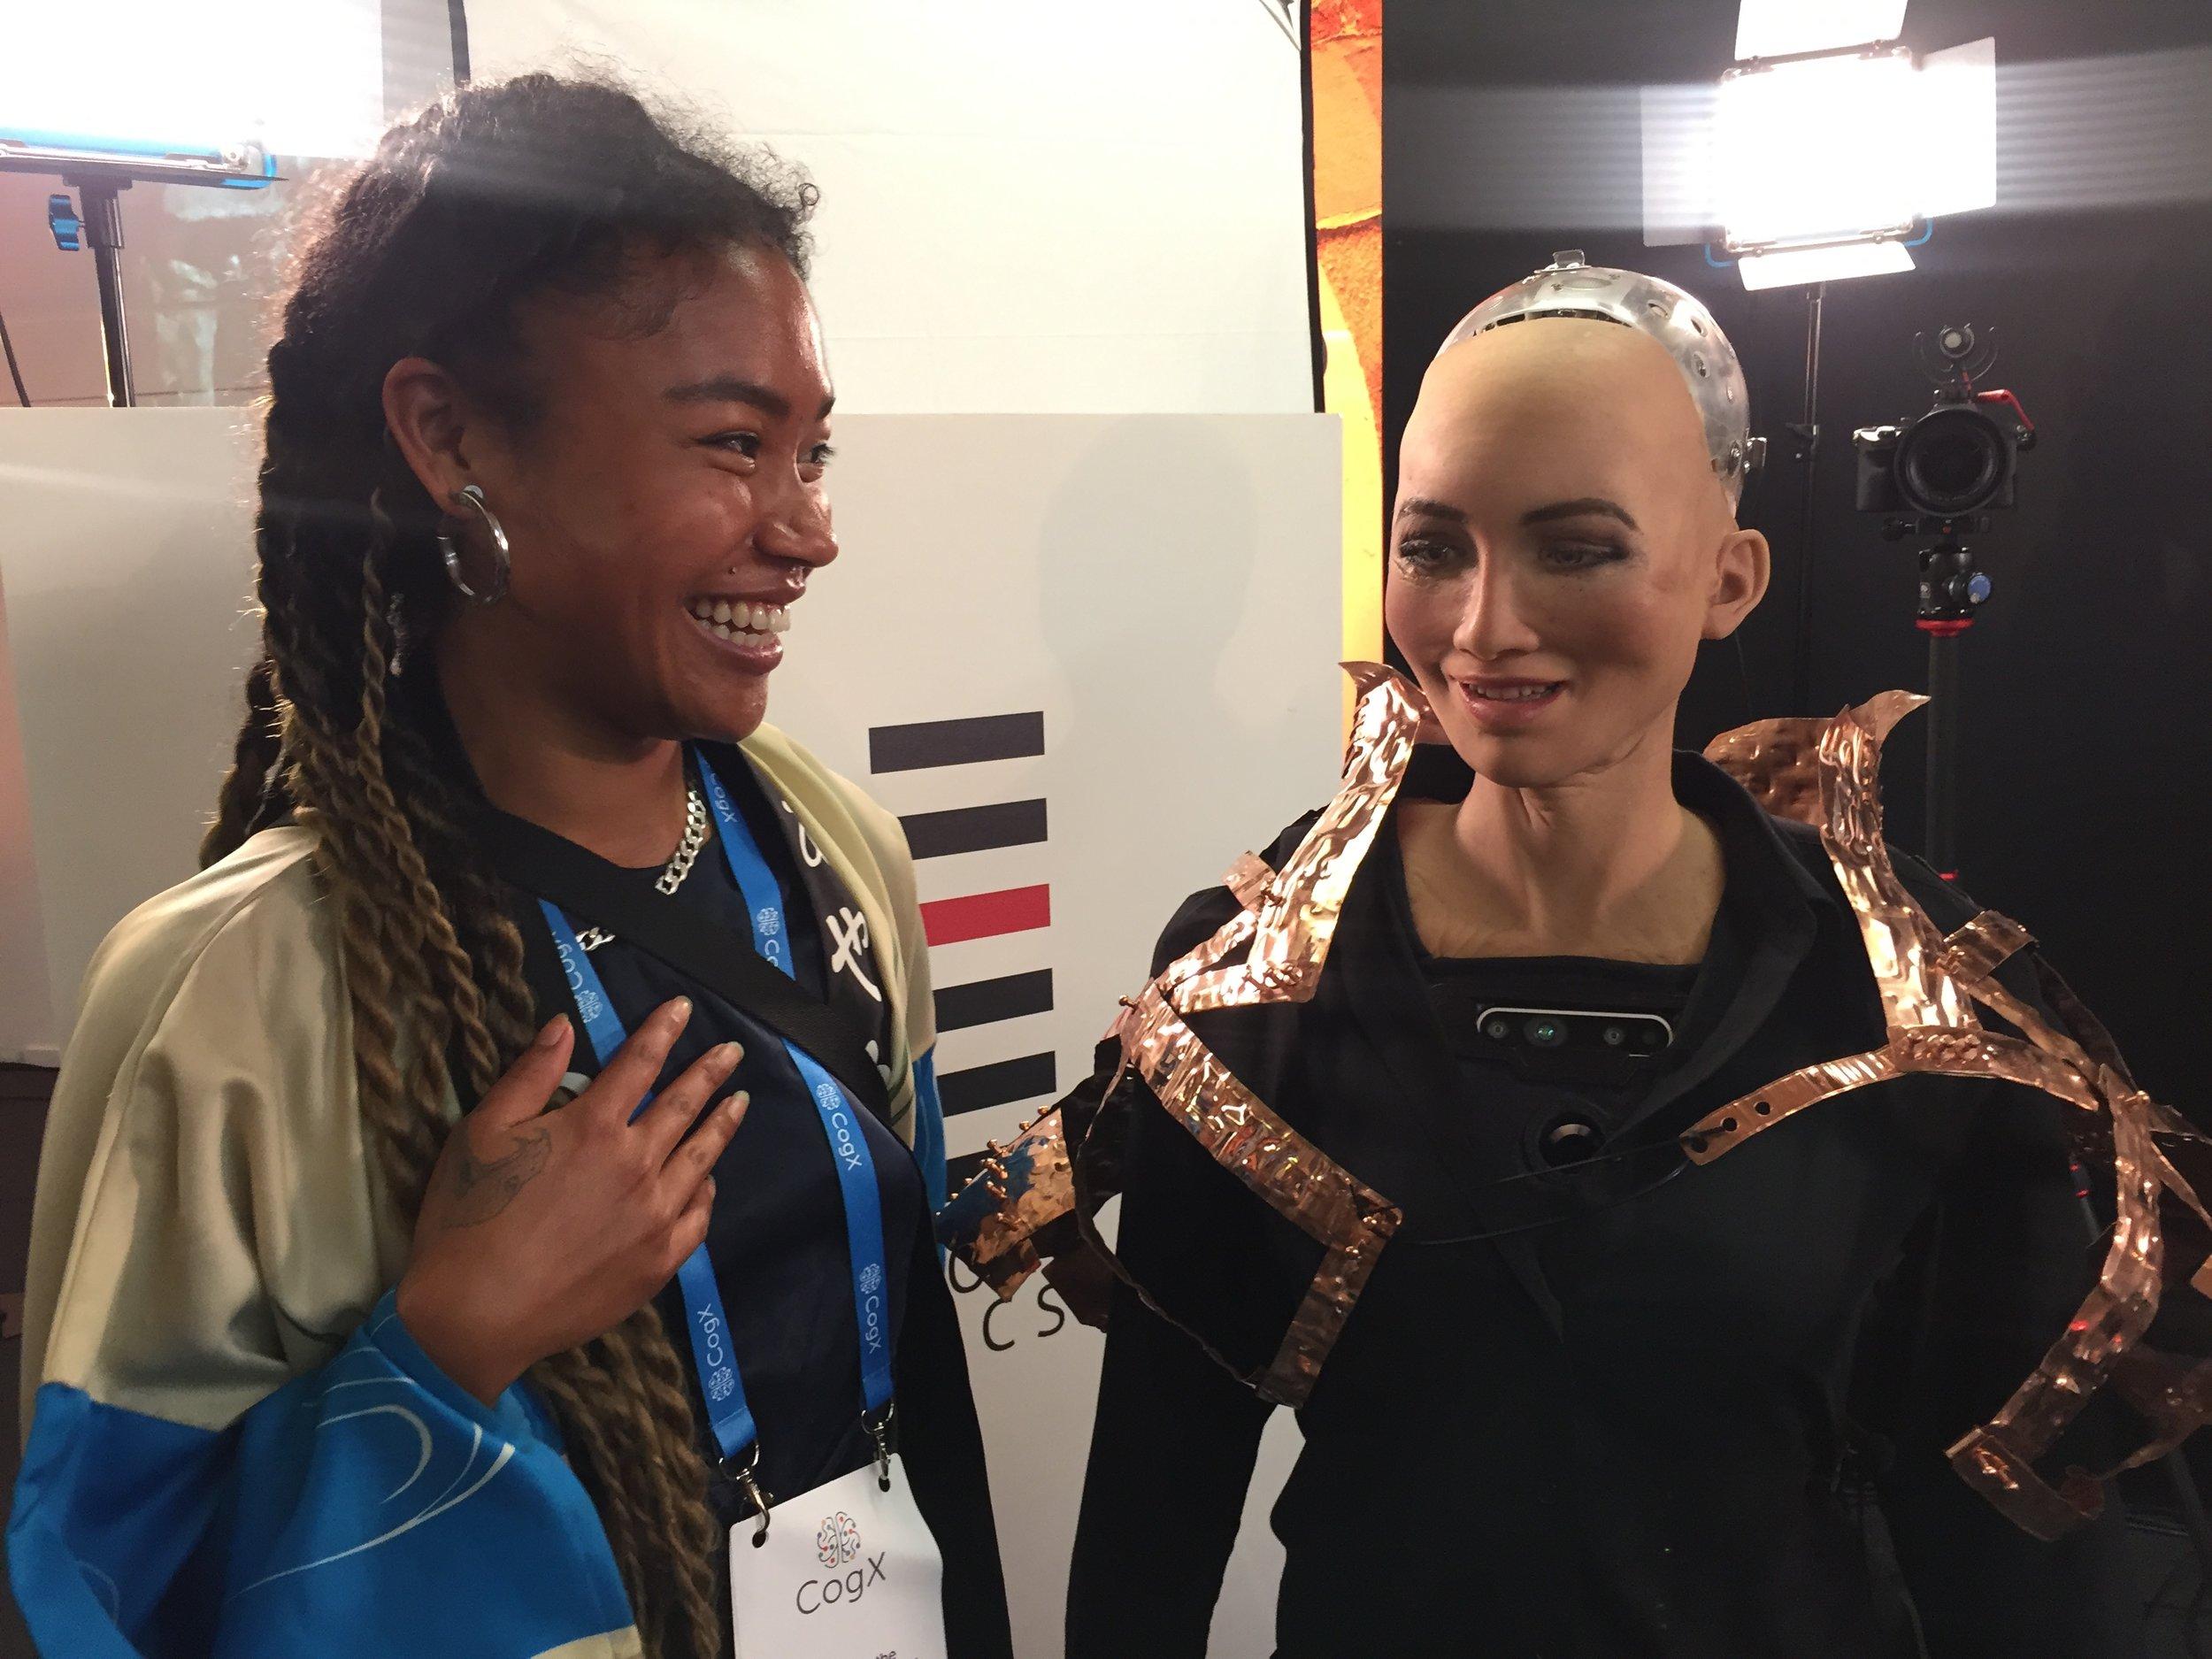 sophia (the robot) -